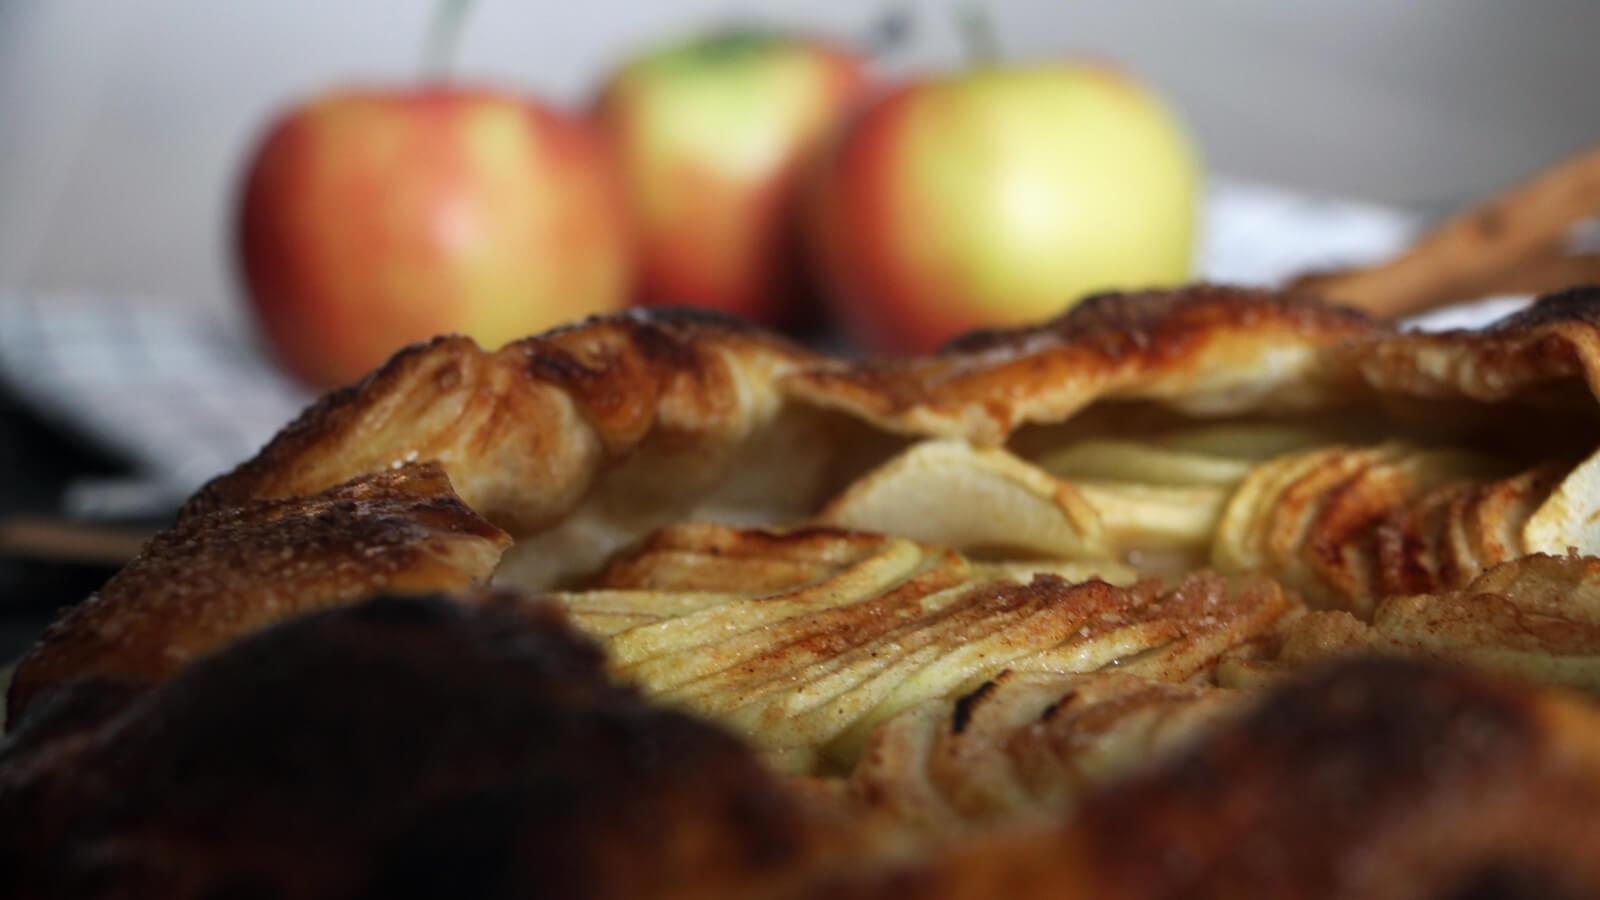 Indruk maken met een dessert van de BBQ? Deze appel galette ziet er schitterend, smaakt nog lekkerder en is stiekem heel makkelijk te bereiden!